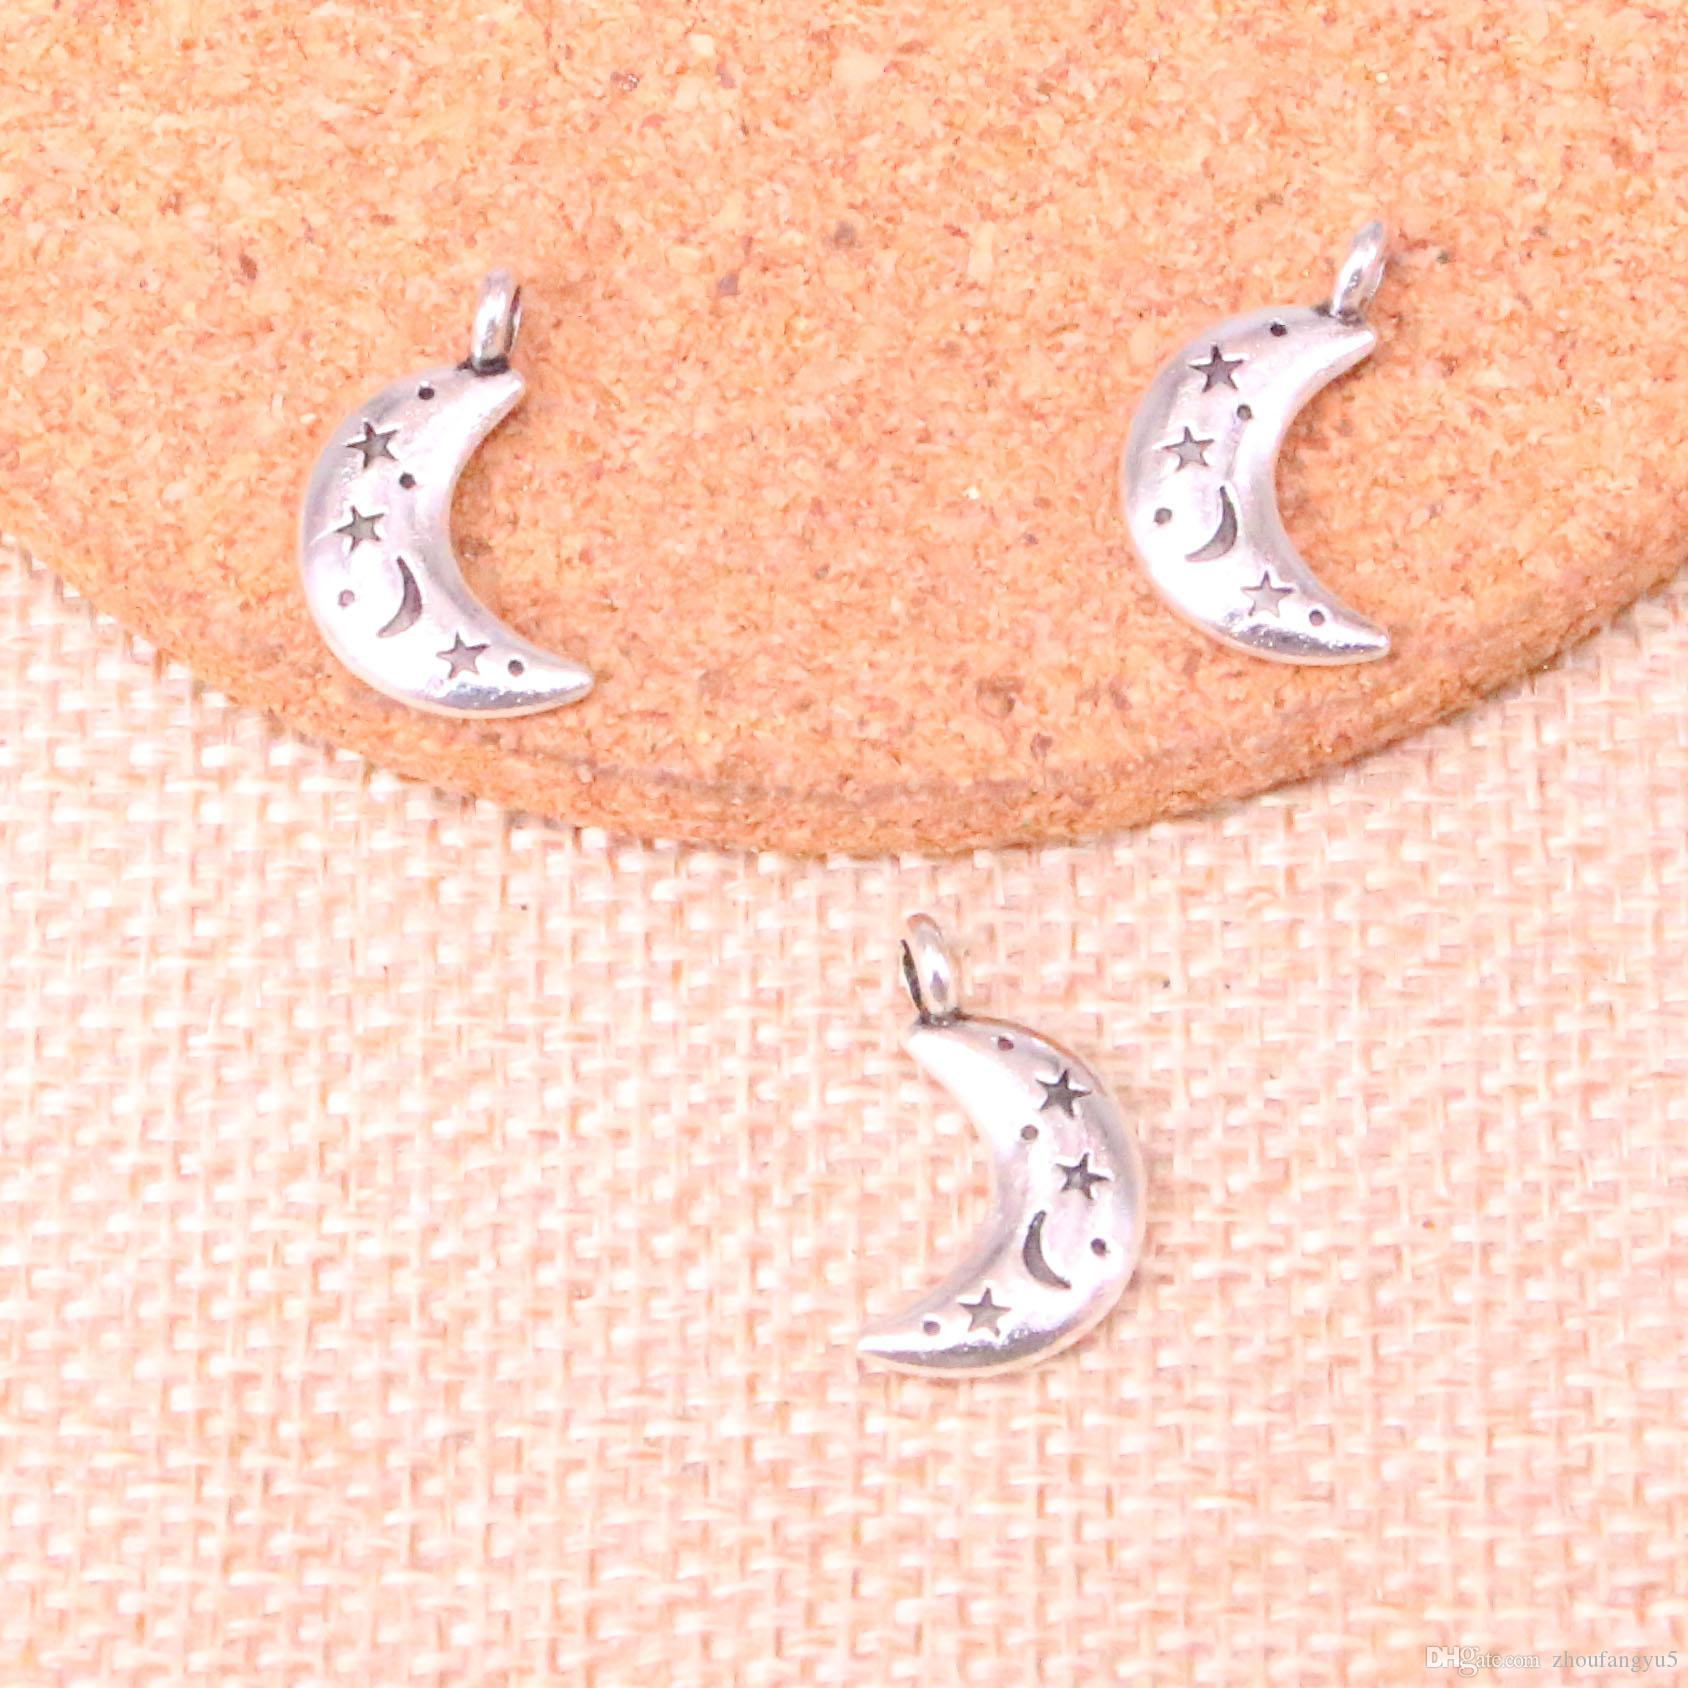 80pcs fascini moon star 20 * 13mm antiquariato del pendente adatti che fanno, d'argento tibetani, gioielli artigianali fai da te